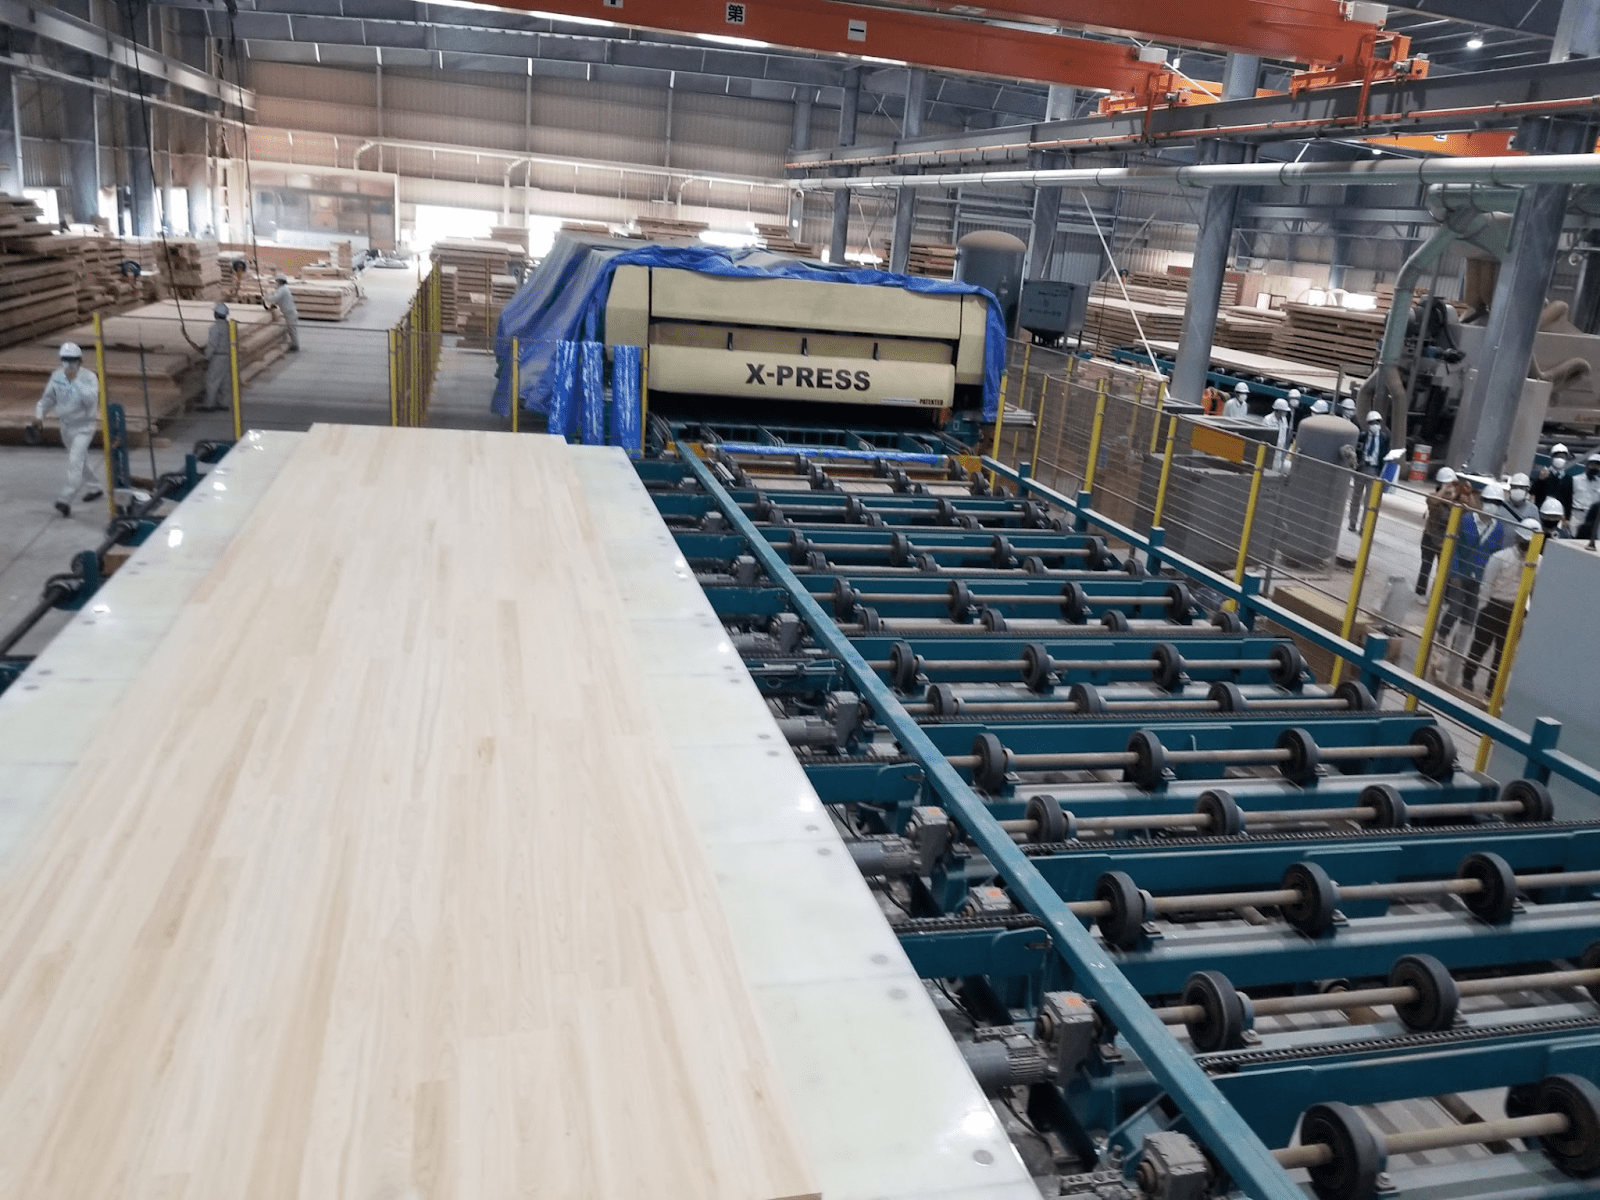 マザーボードは最大12,000×3,000ものサイズになります